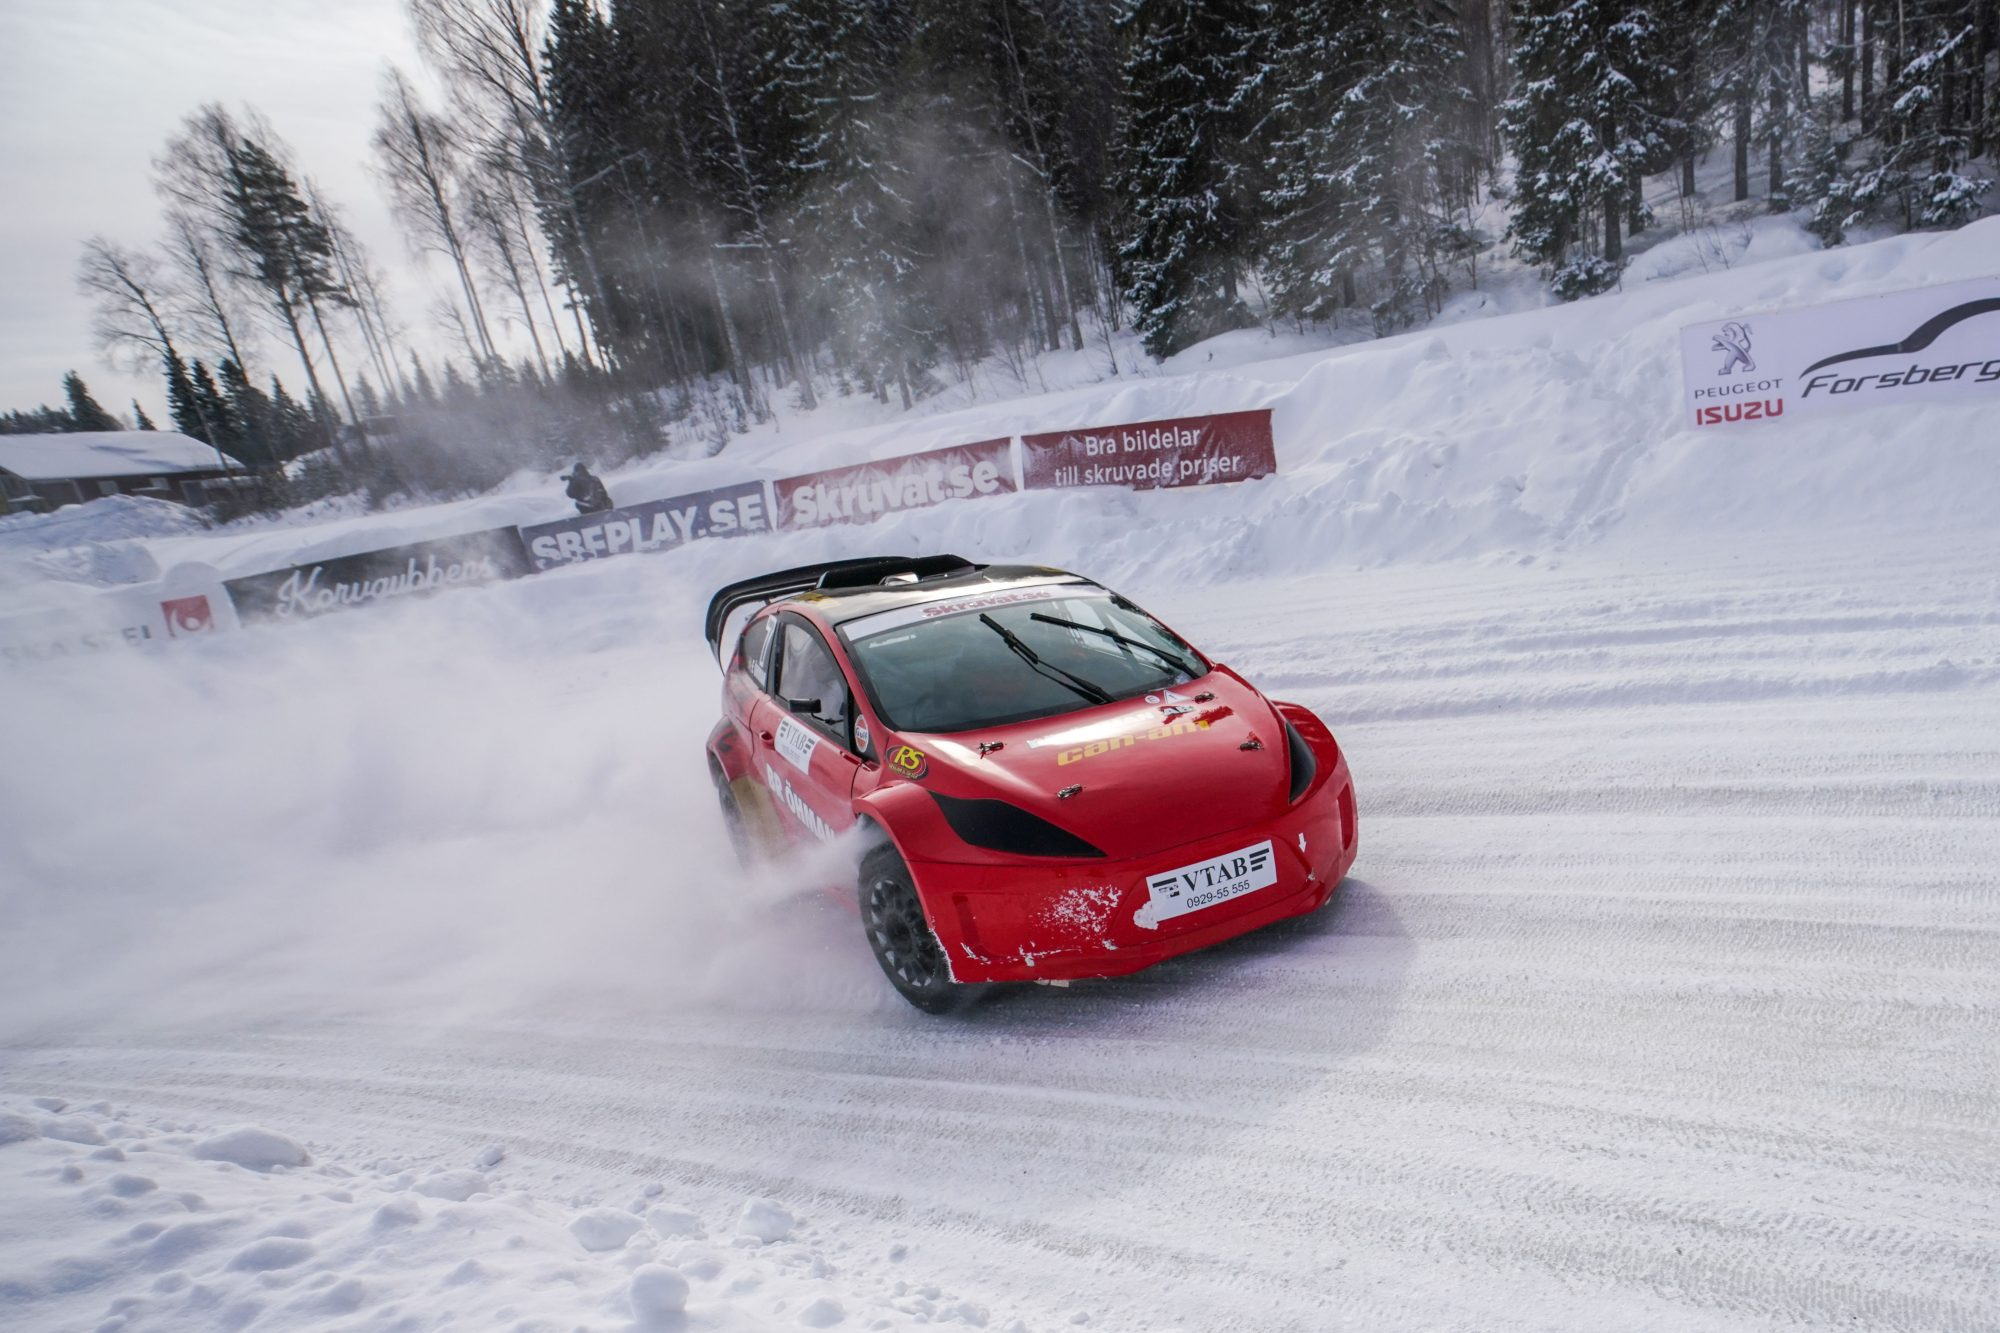 Emil Öhman, Tväråns If, tävlar i motorsport under dag 6 av SM-veckan den 25 mars 2017 i Skellefteå